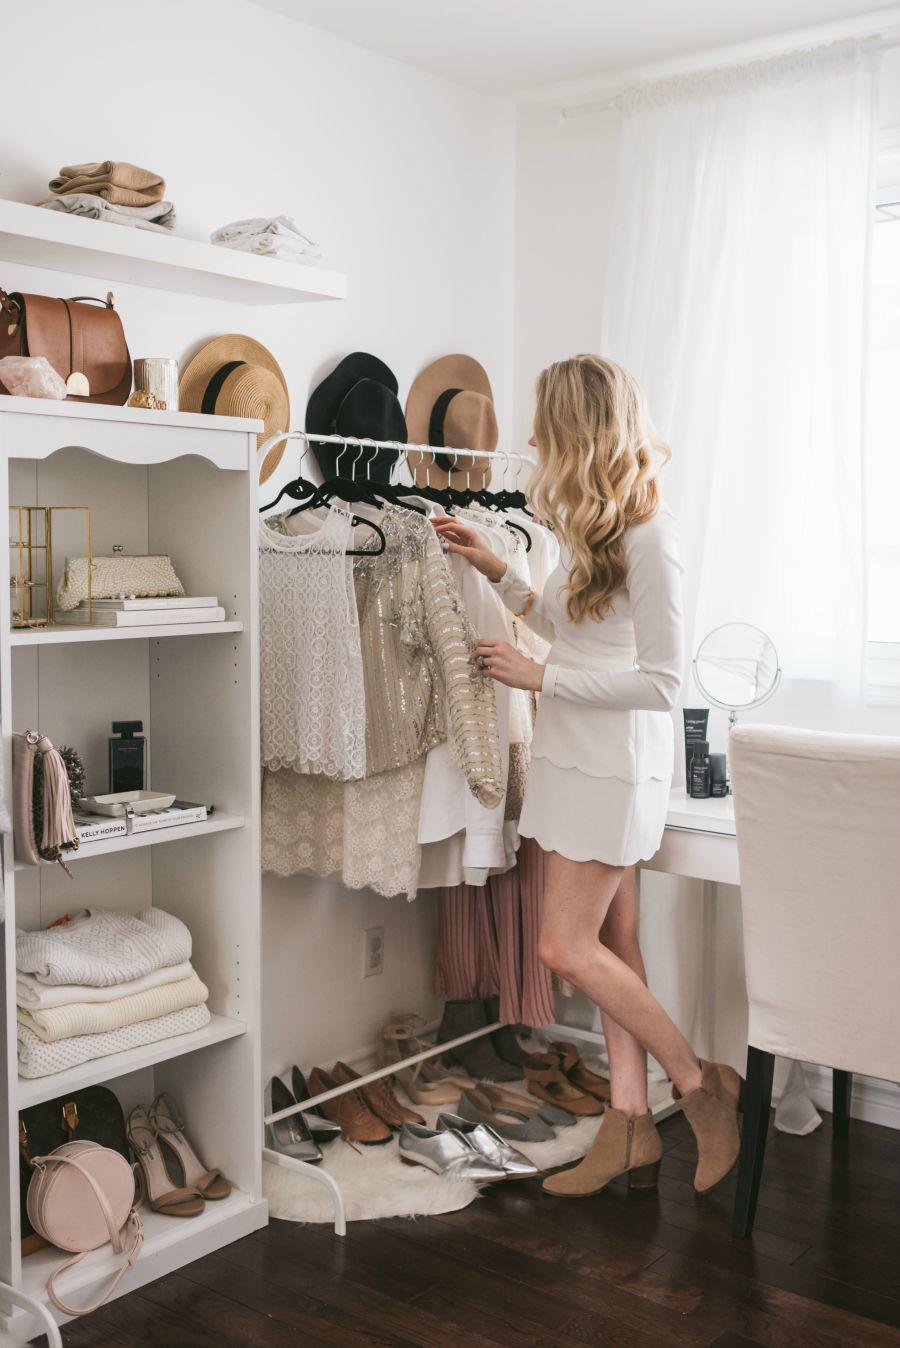 erste wohnung - Der Ankleideraum Perfekte Organisation Jedes Haus